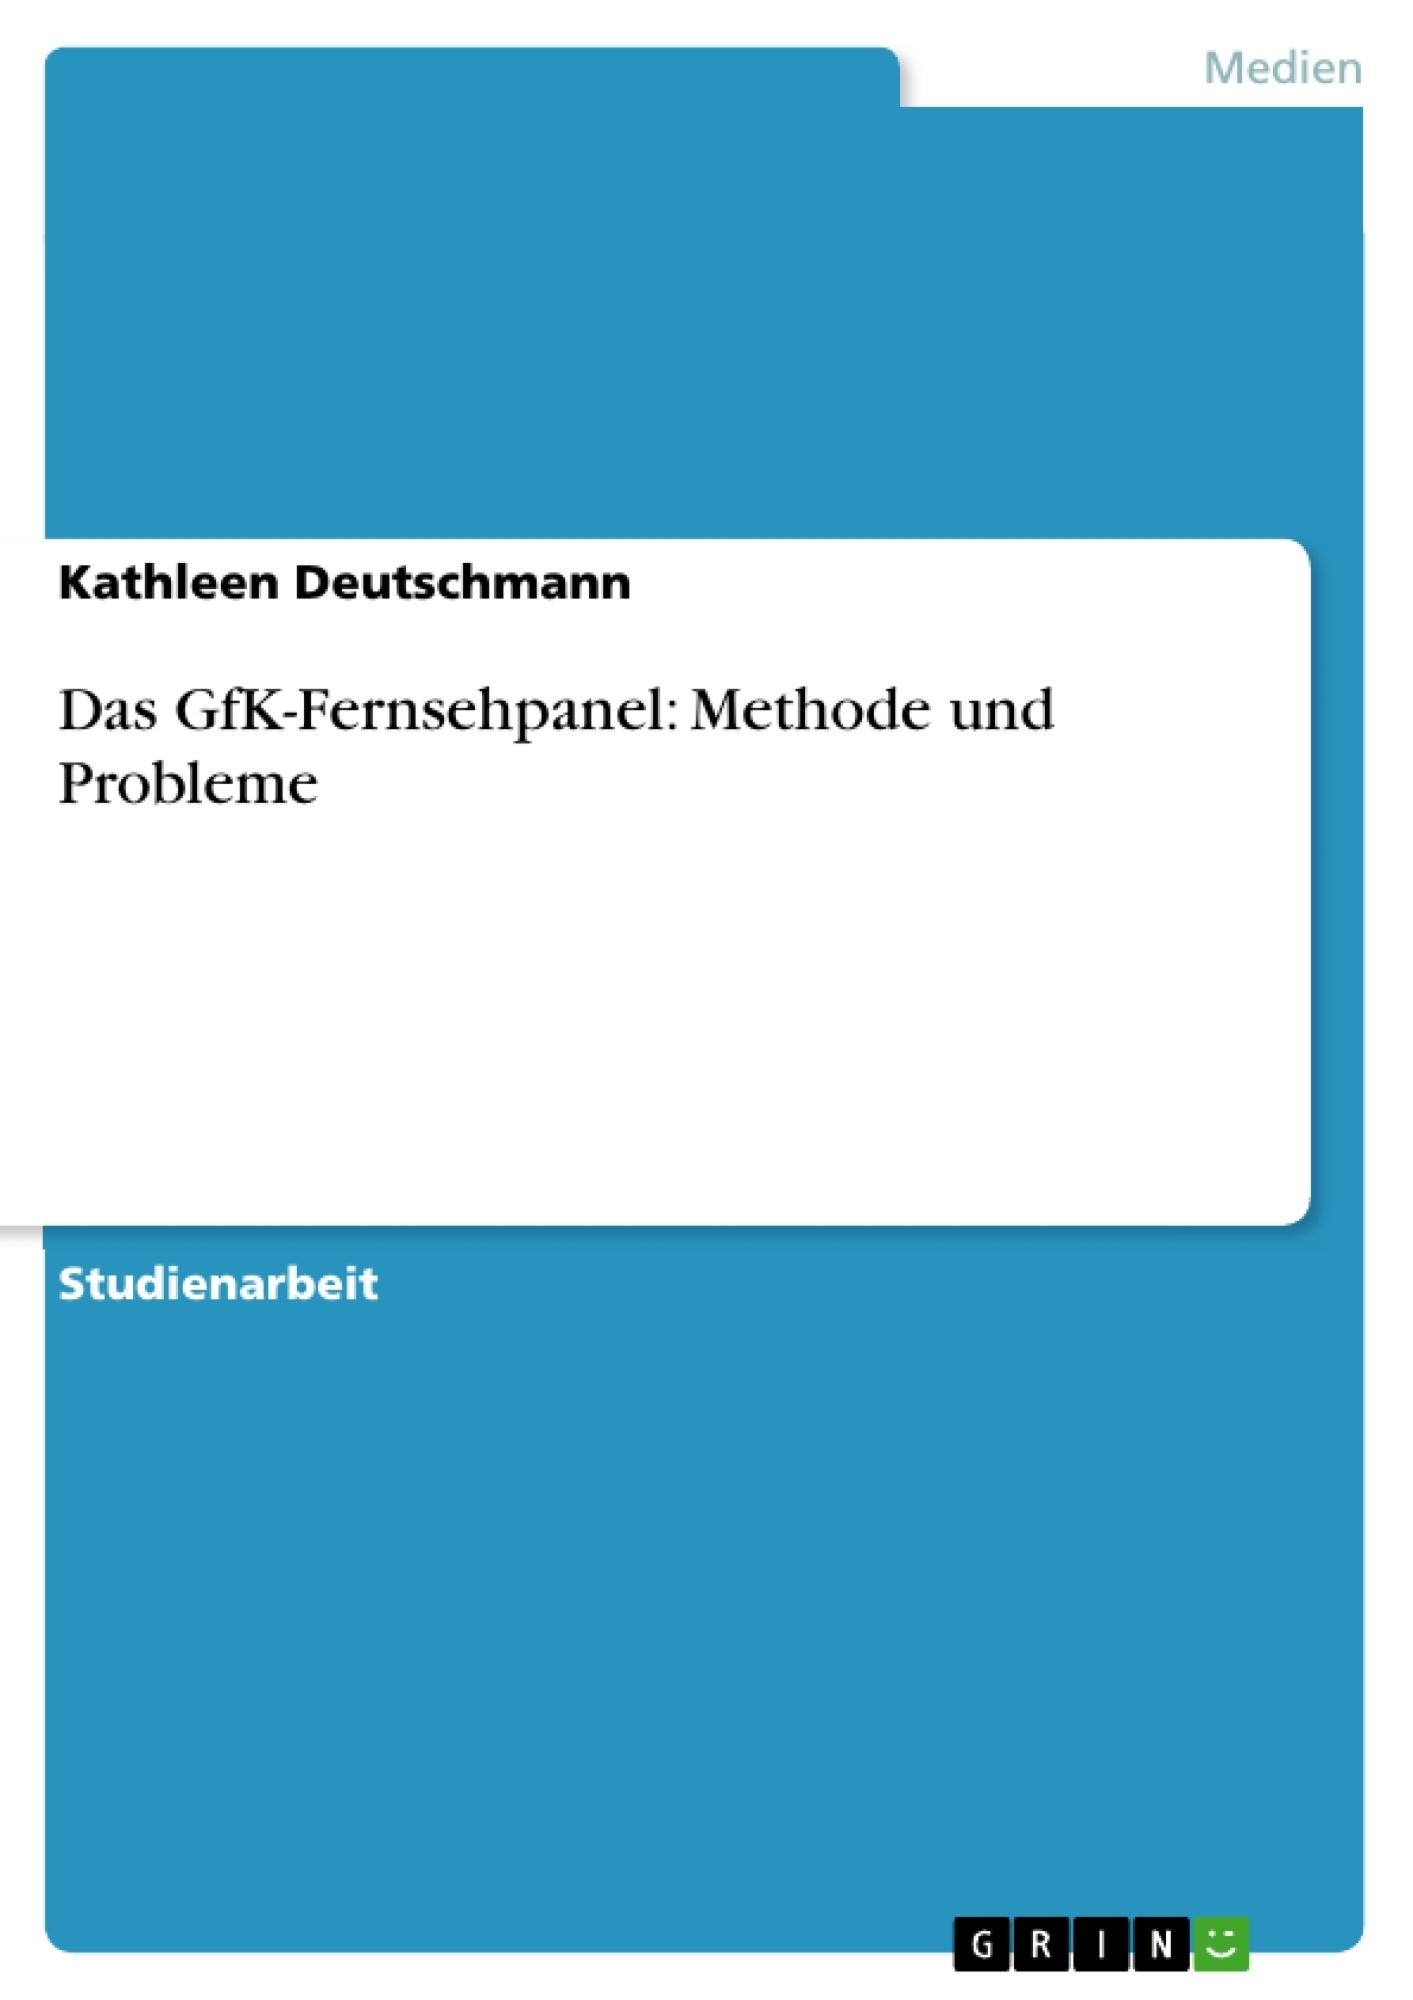 Titel: Das GfK-Fernsehpanel: Methode und Probleme